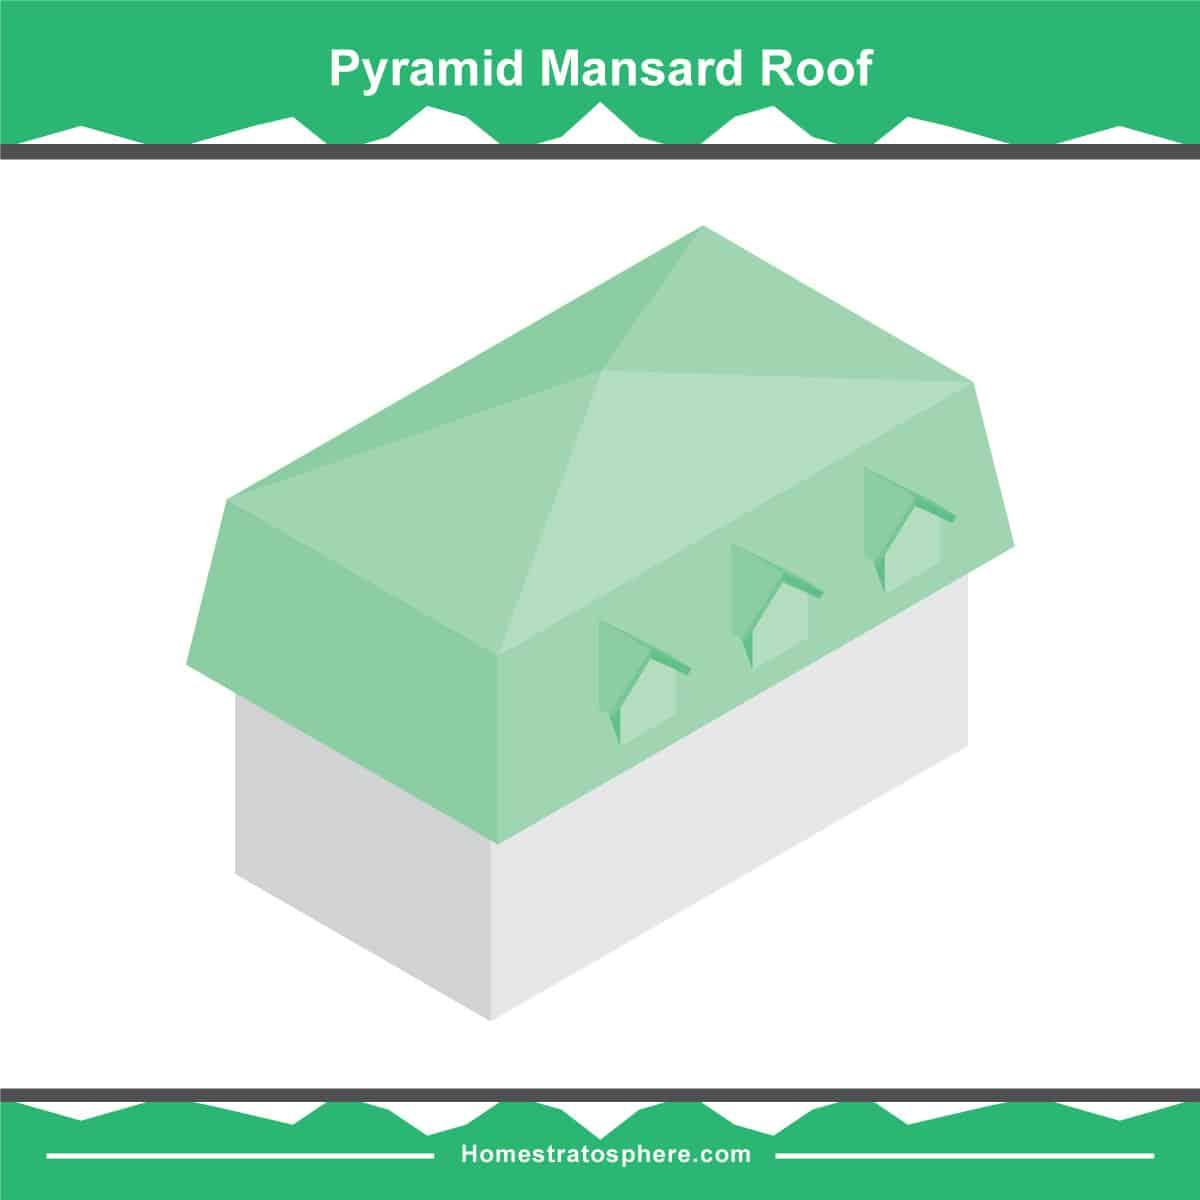 Pyeramid mansard roof diagram